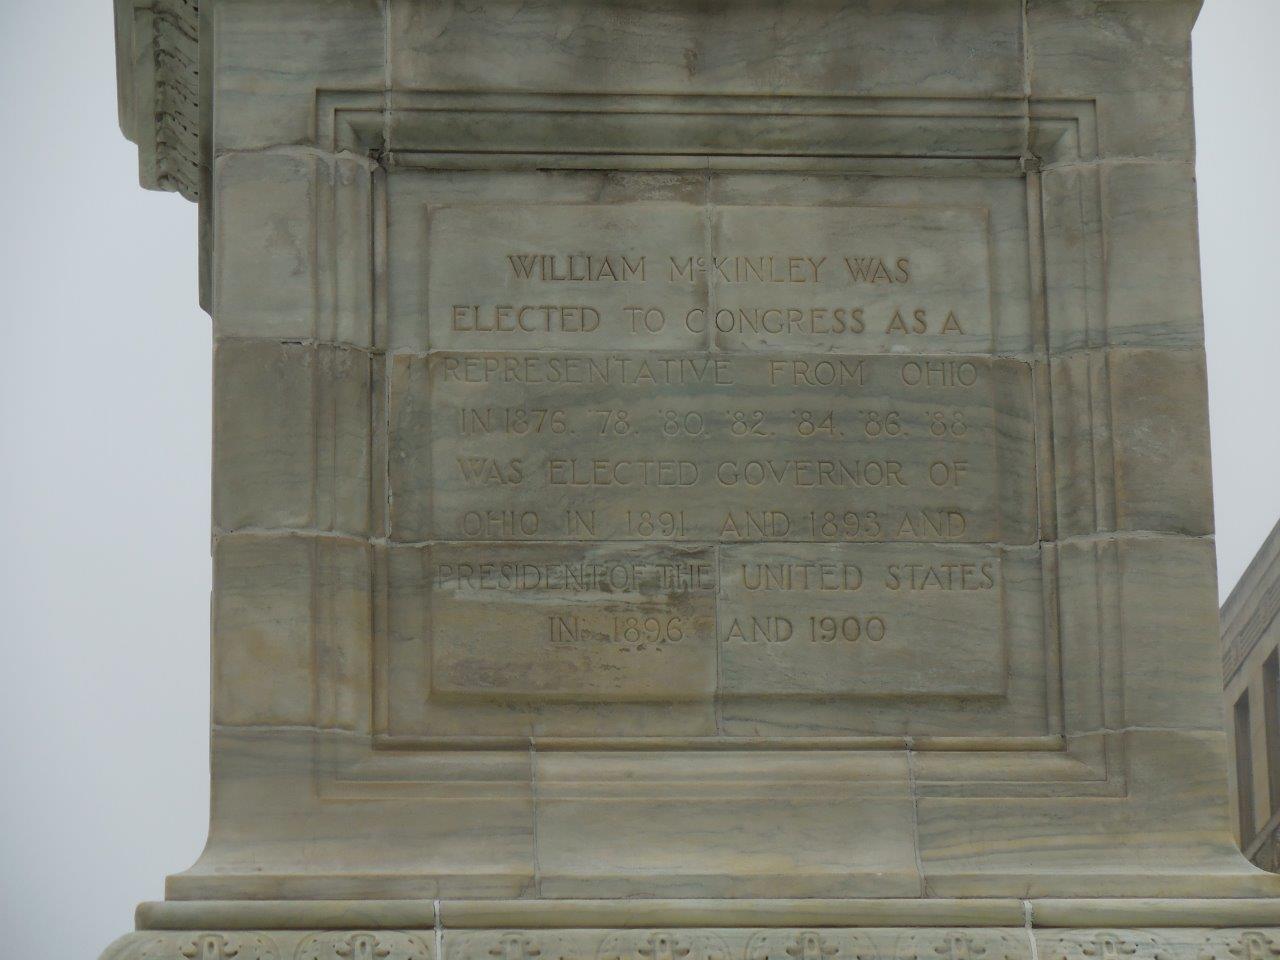 William McKinley memorial